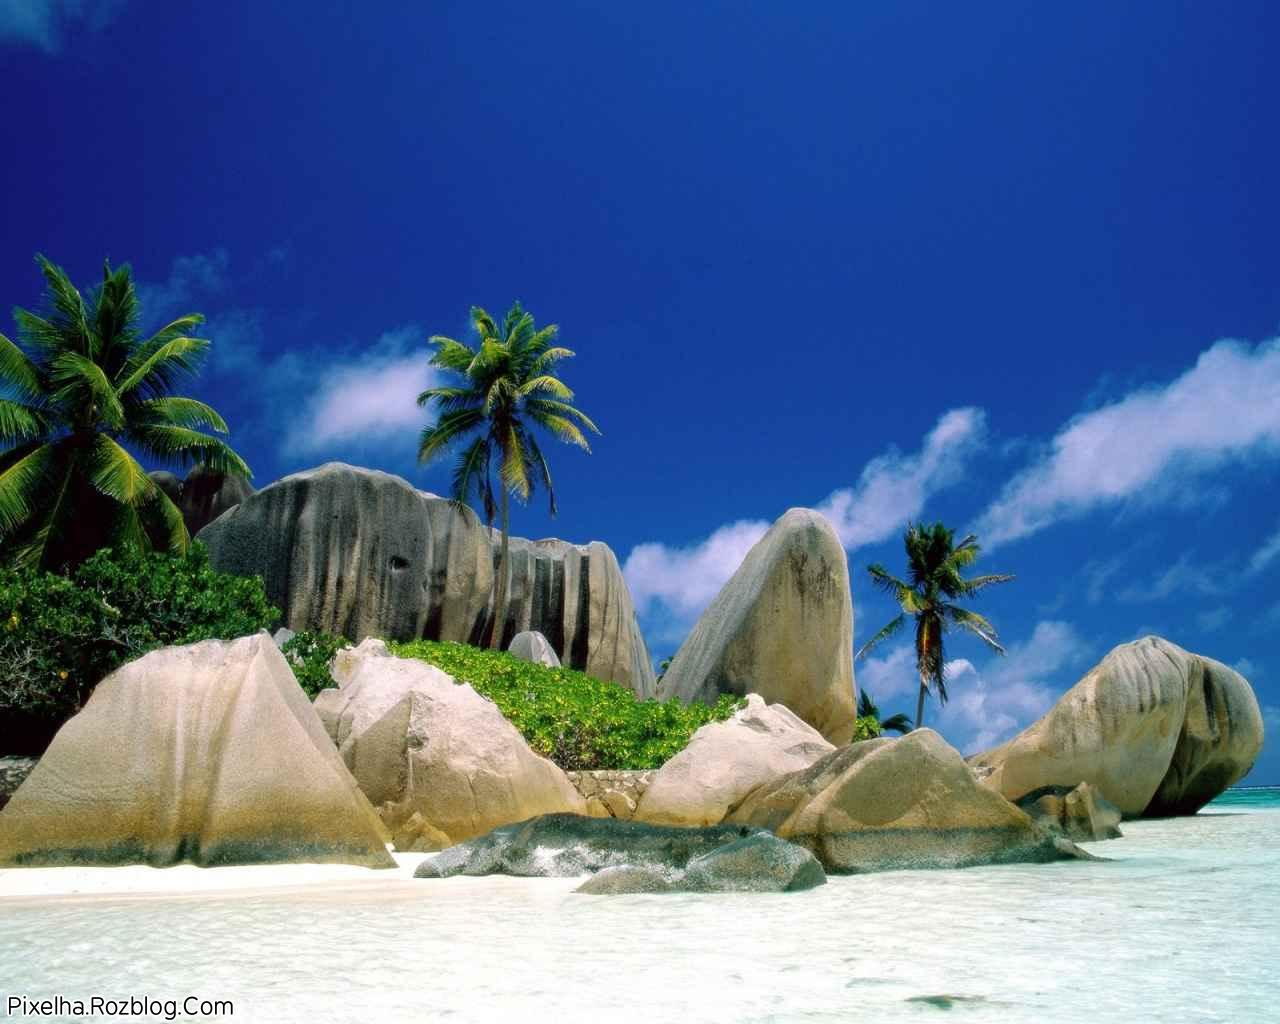 جزیره بسیار زیبا